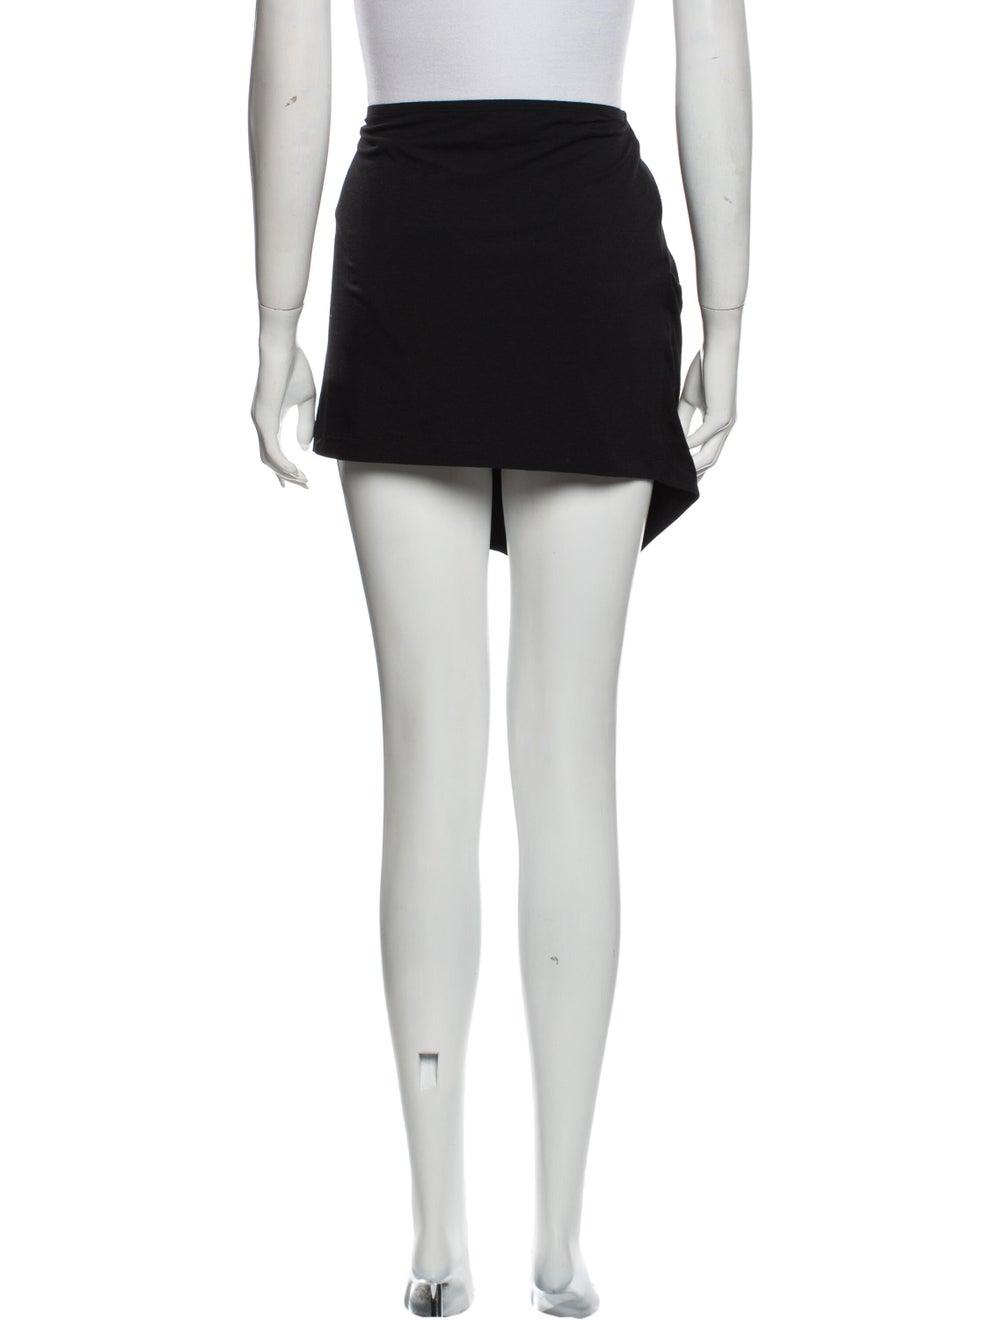 Plein Sud Jeanius Mini Skirt Black - image 3